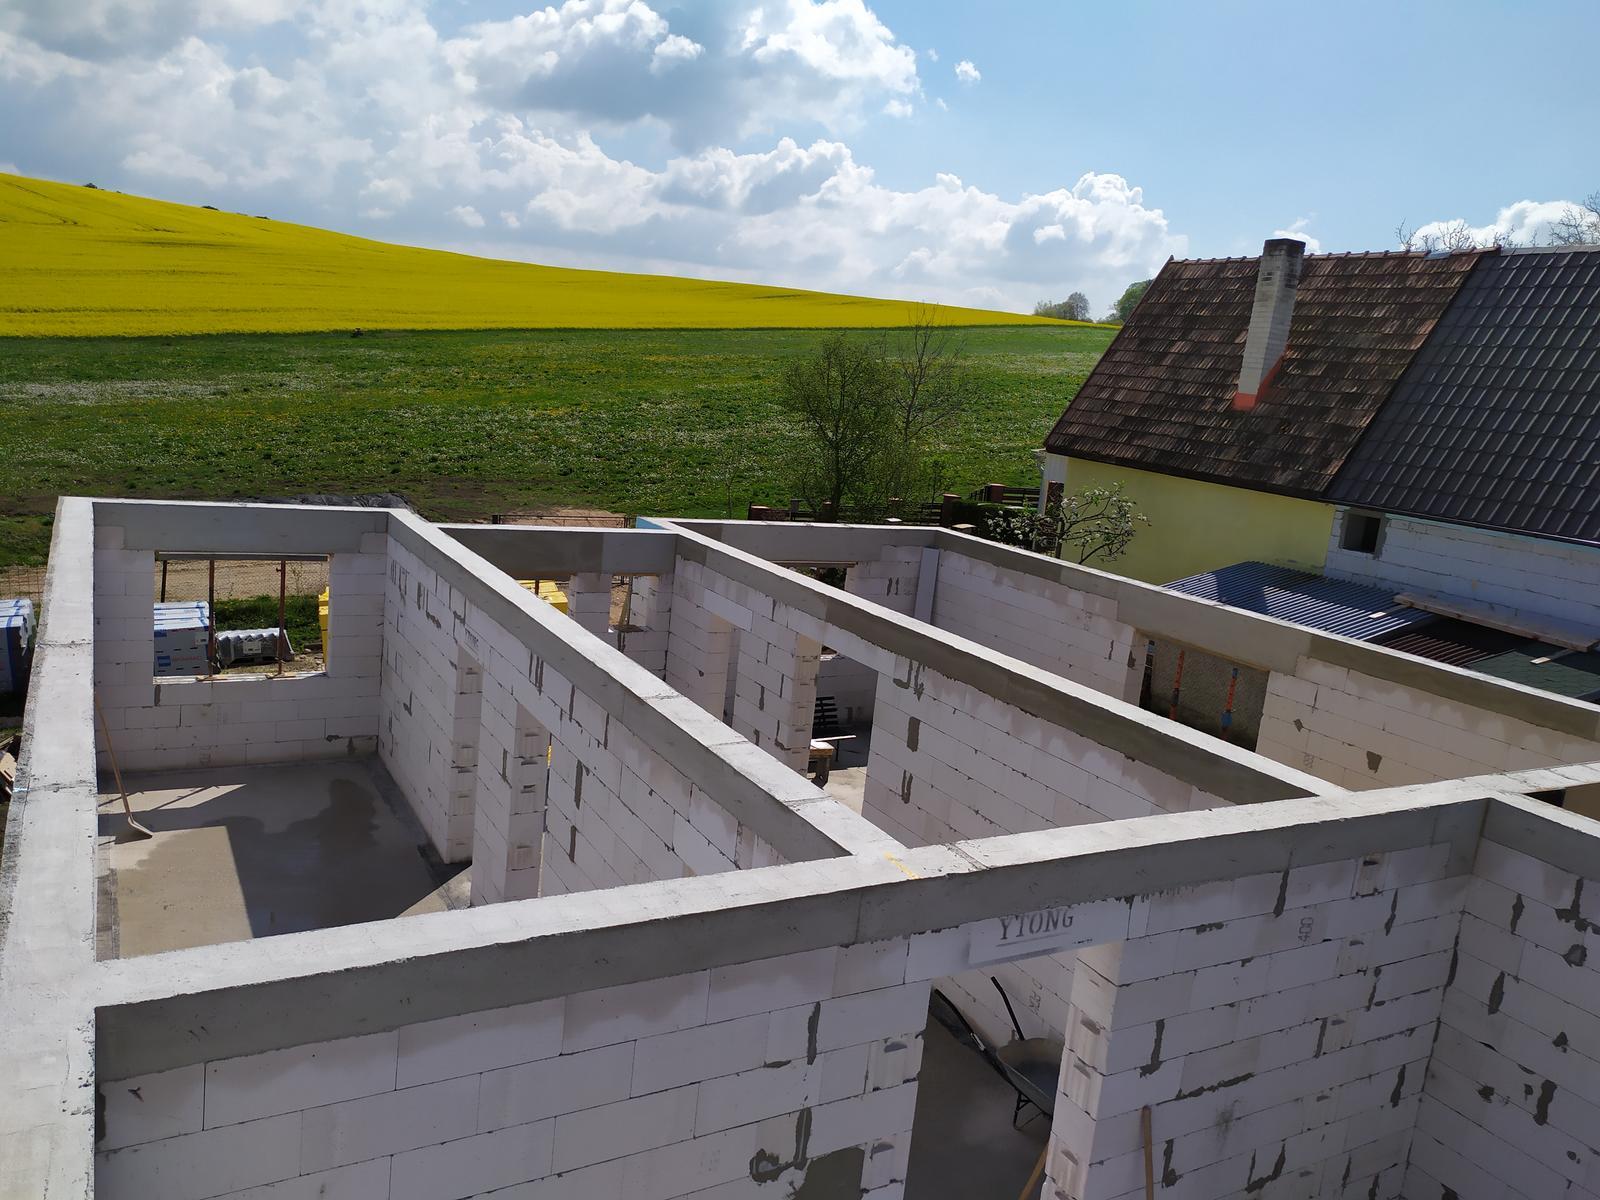 Stavba domu - Svojpomocne 🏠 - 9m3 betónu išlo do venca + okonne preklady